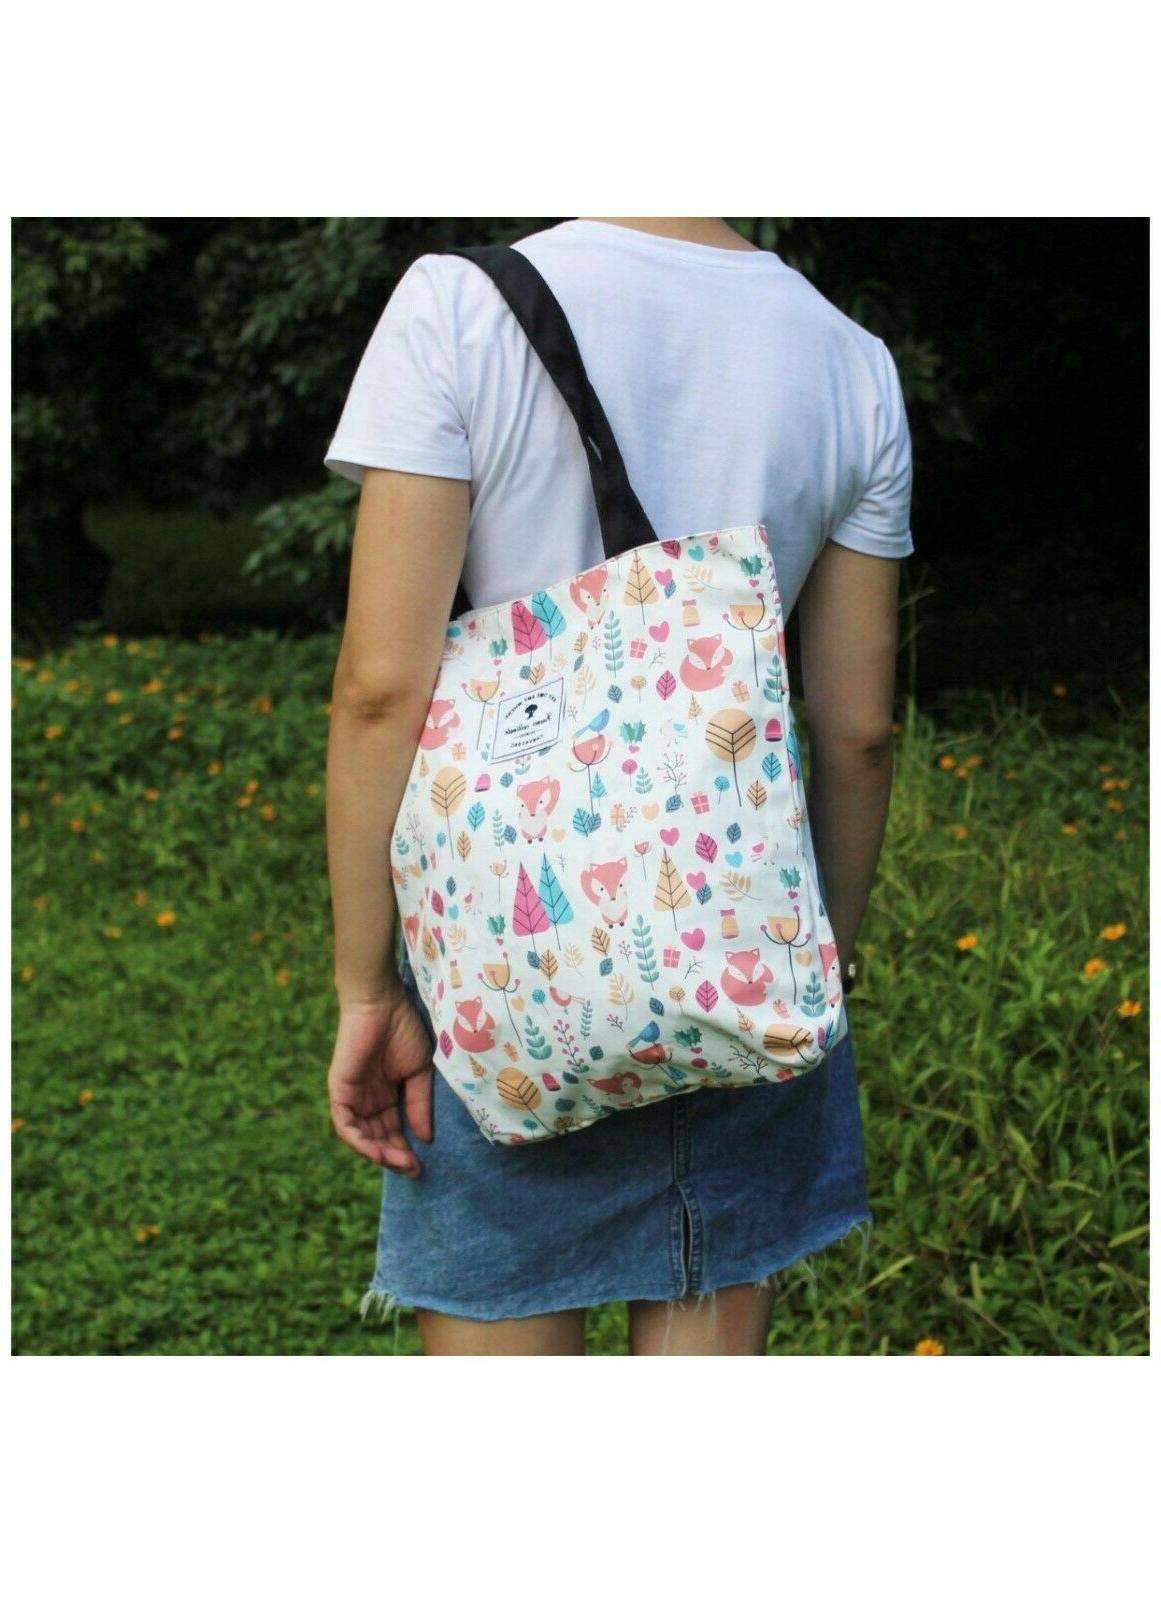 Original Floral Tote Shoulder Bag for Hiking